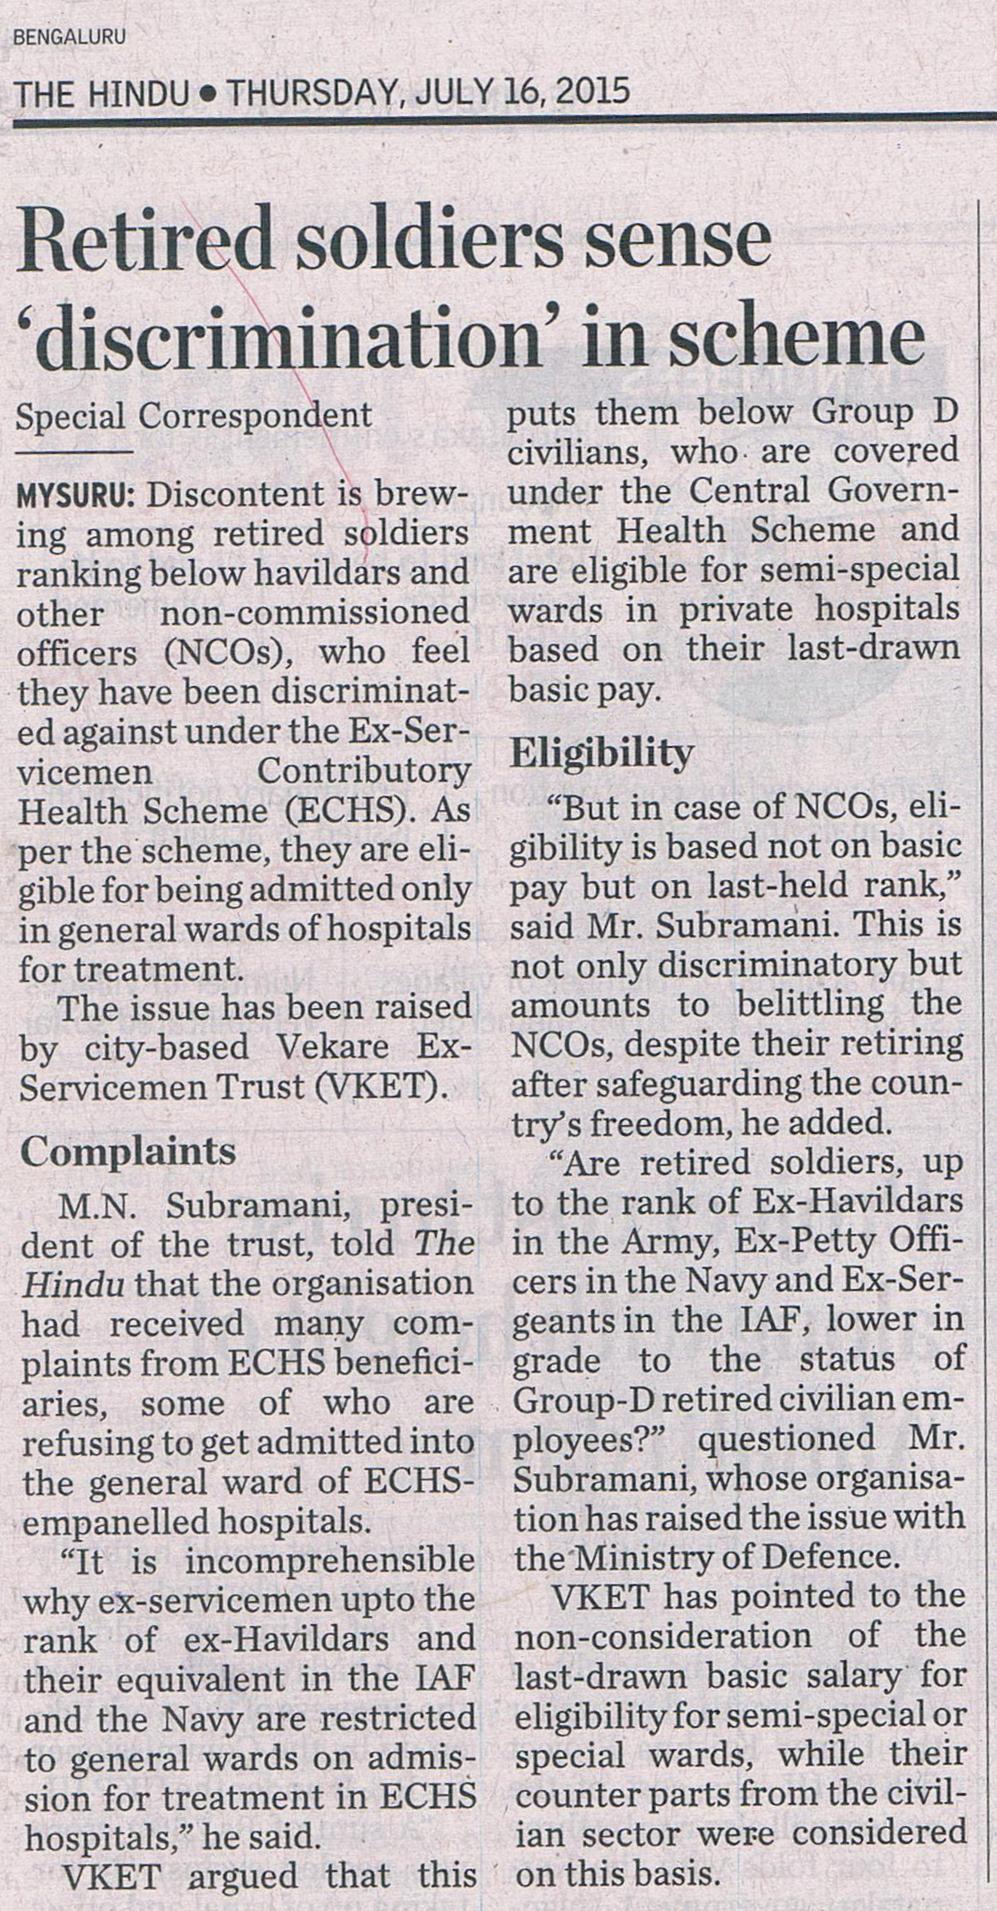 The Hindu 16.07.2015